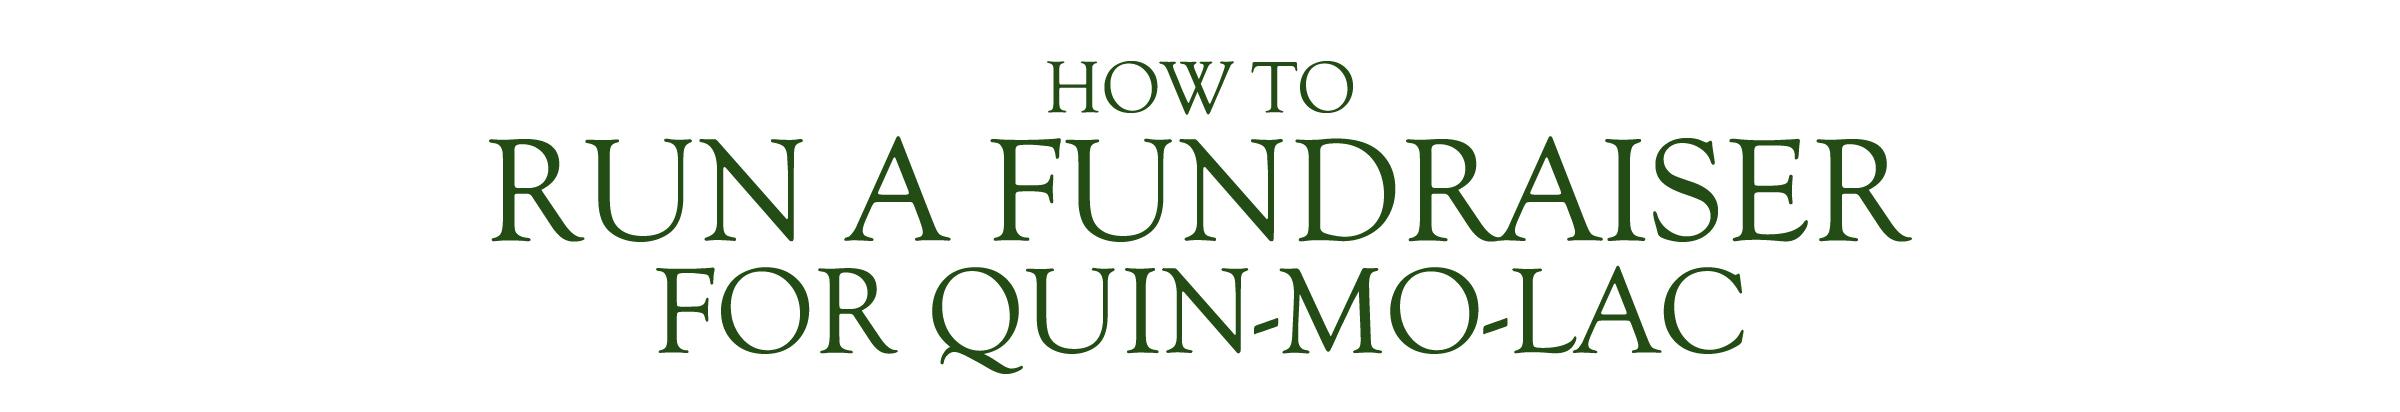 WEBSITE - HOW TO RUN A FUNDRAISER Header.jpg